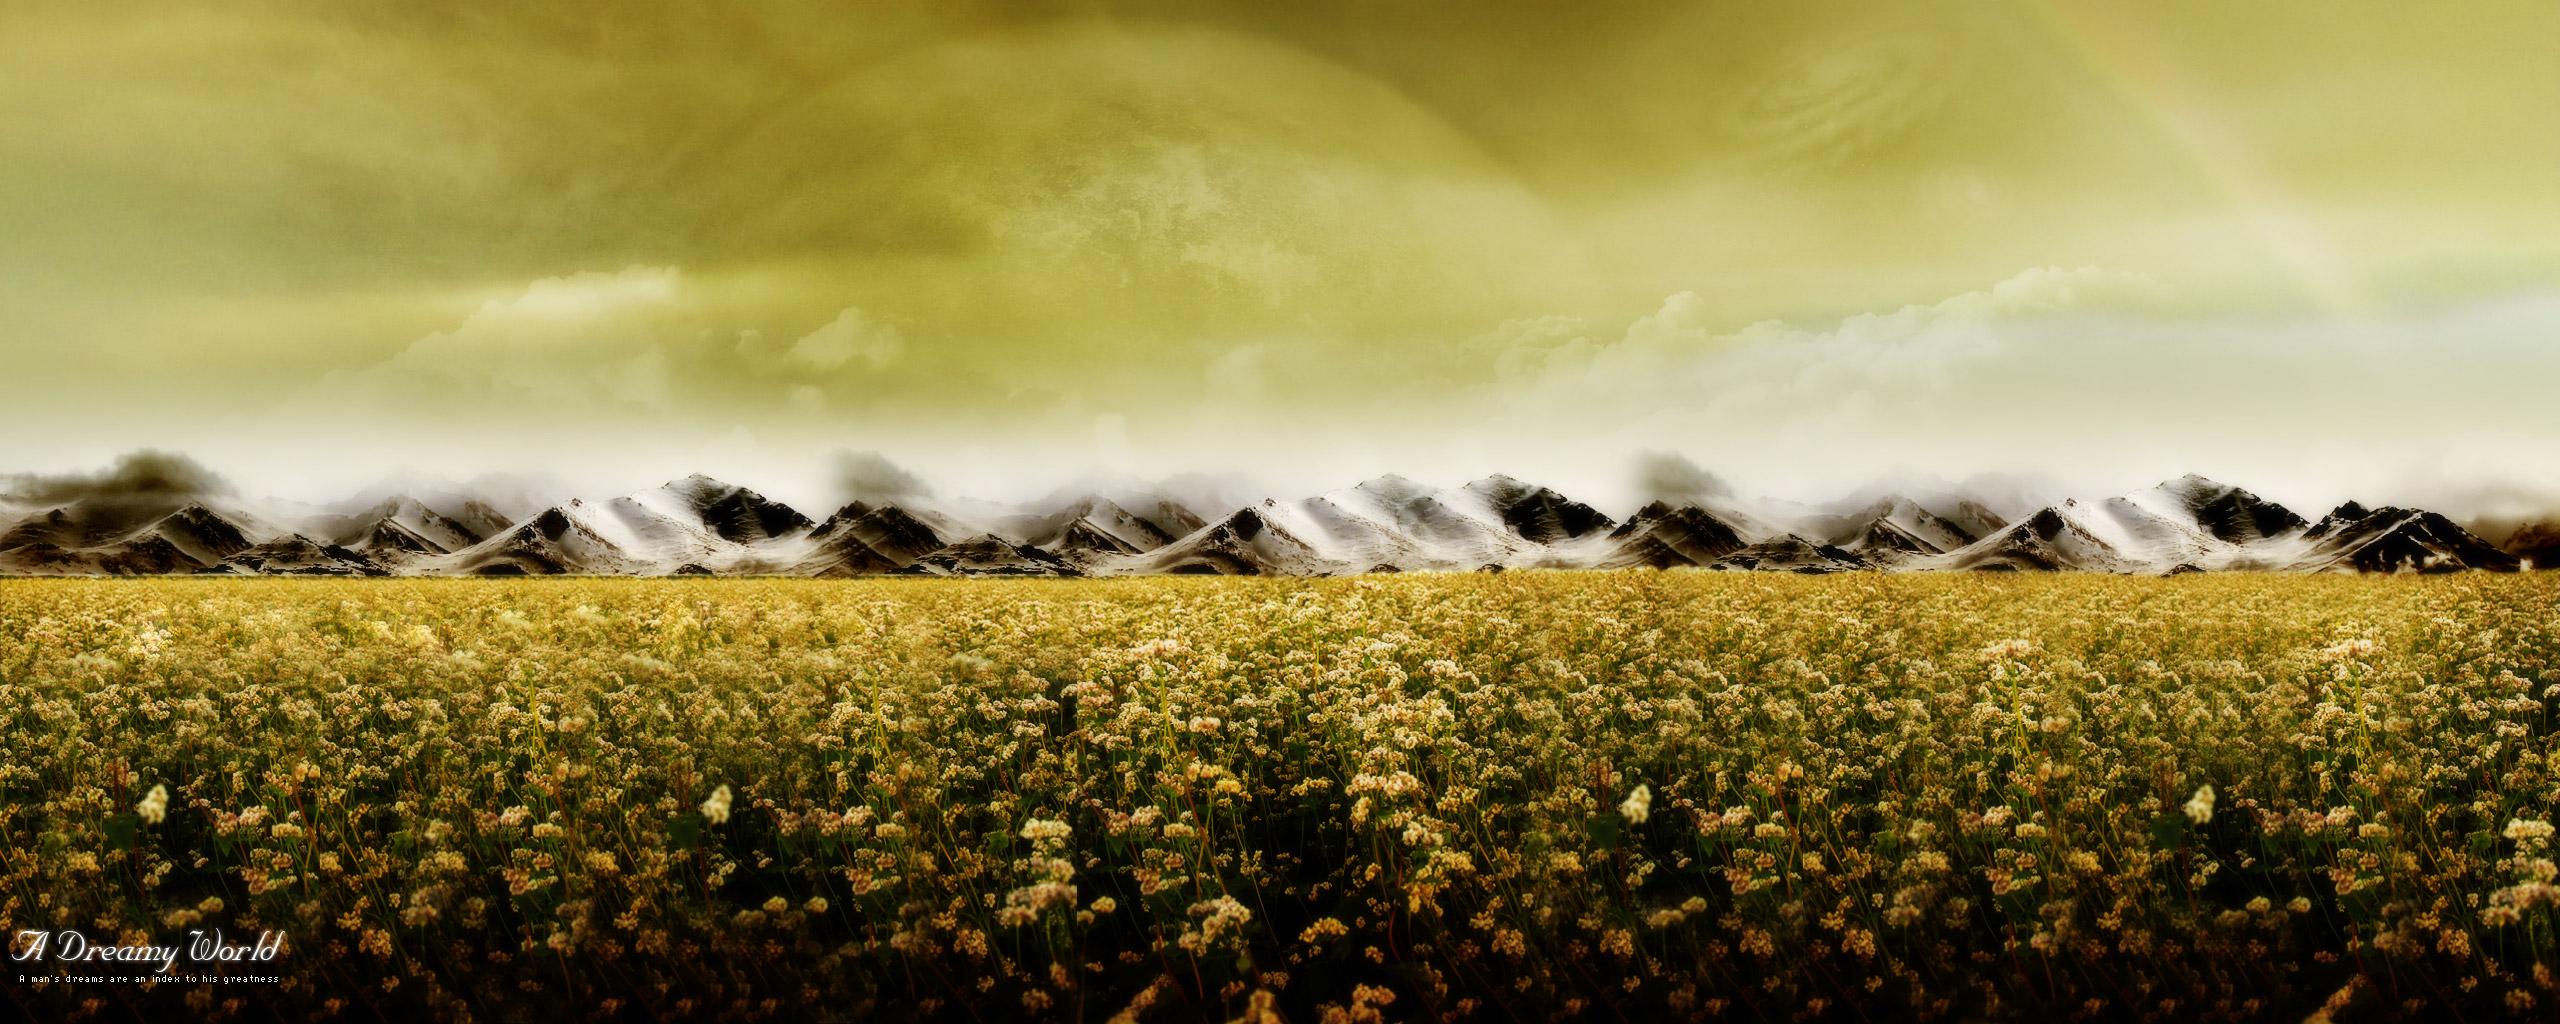 Earth - A Dreamy World Planet Landscape Flower Field Wallpaper